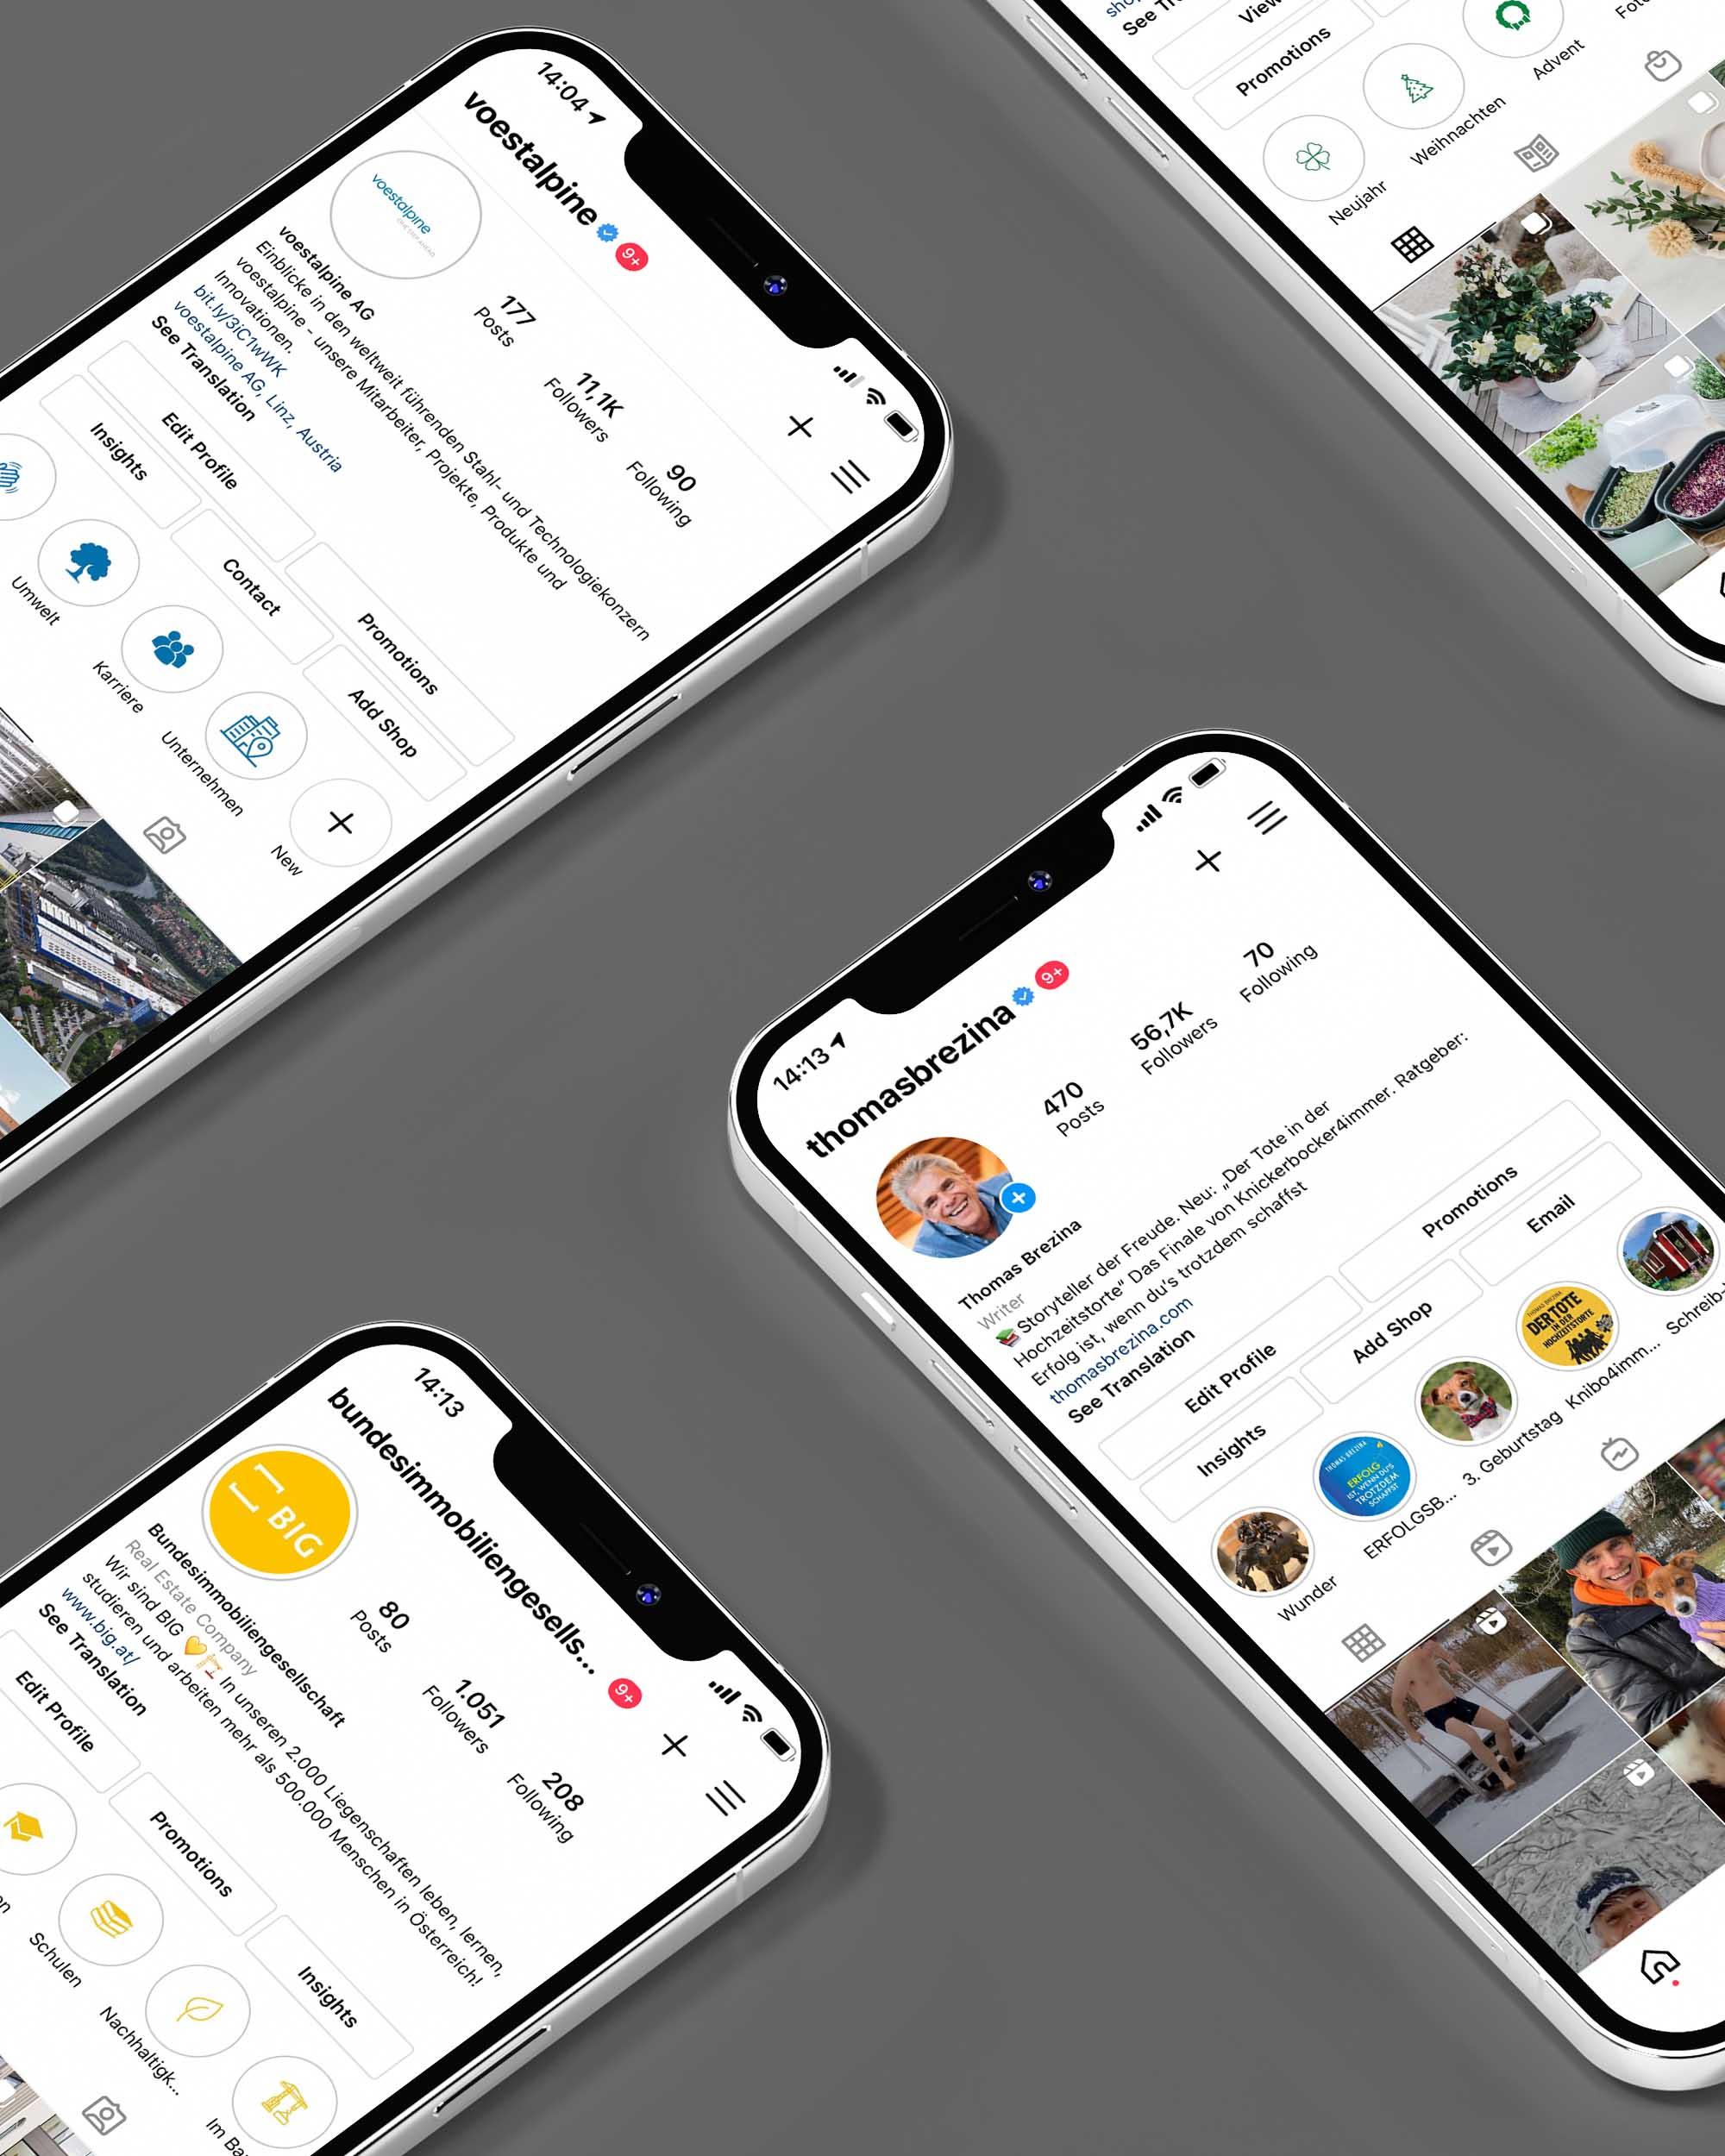 Eine Fotomontage mehrerer iPhone-Handyscreens mit Instagram-Konten auf dunklem Hintergrund.